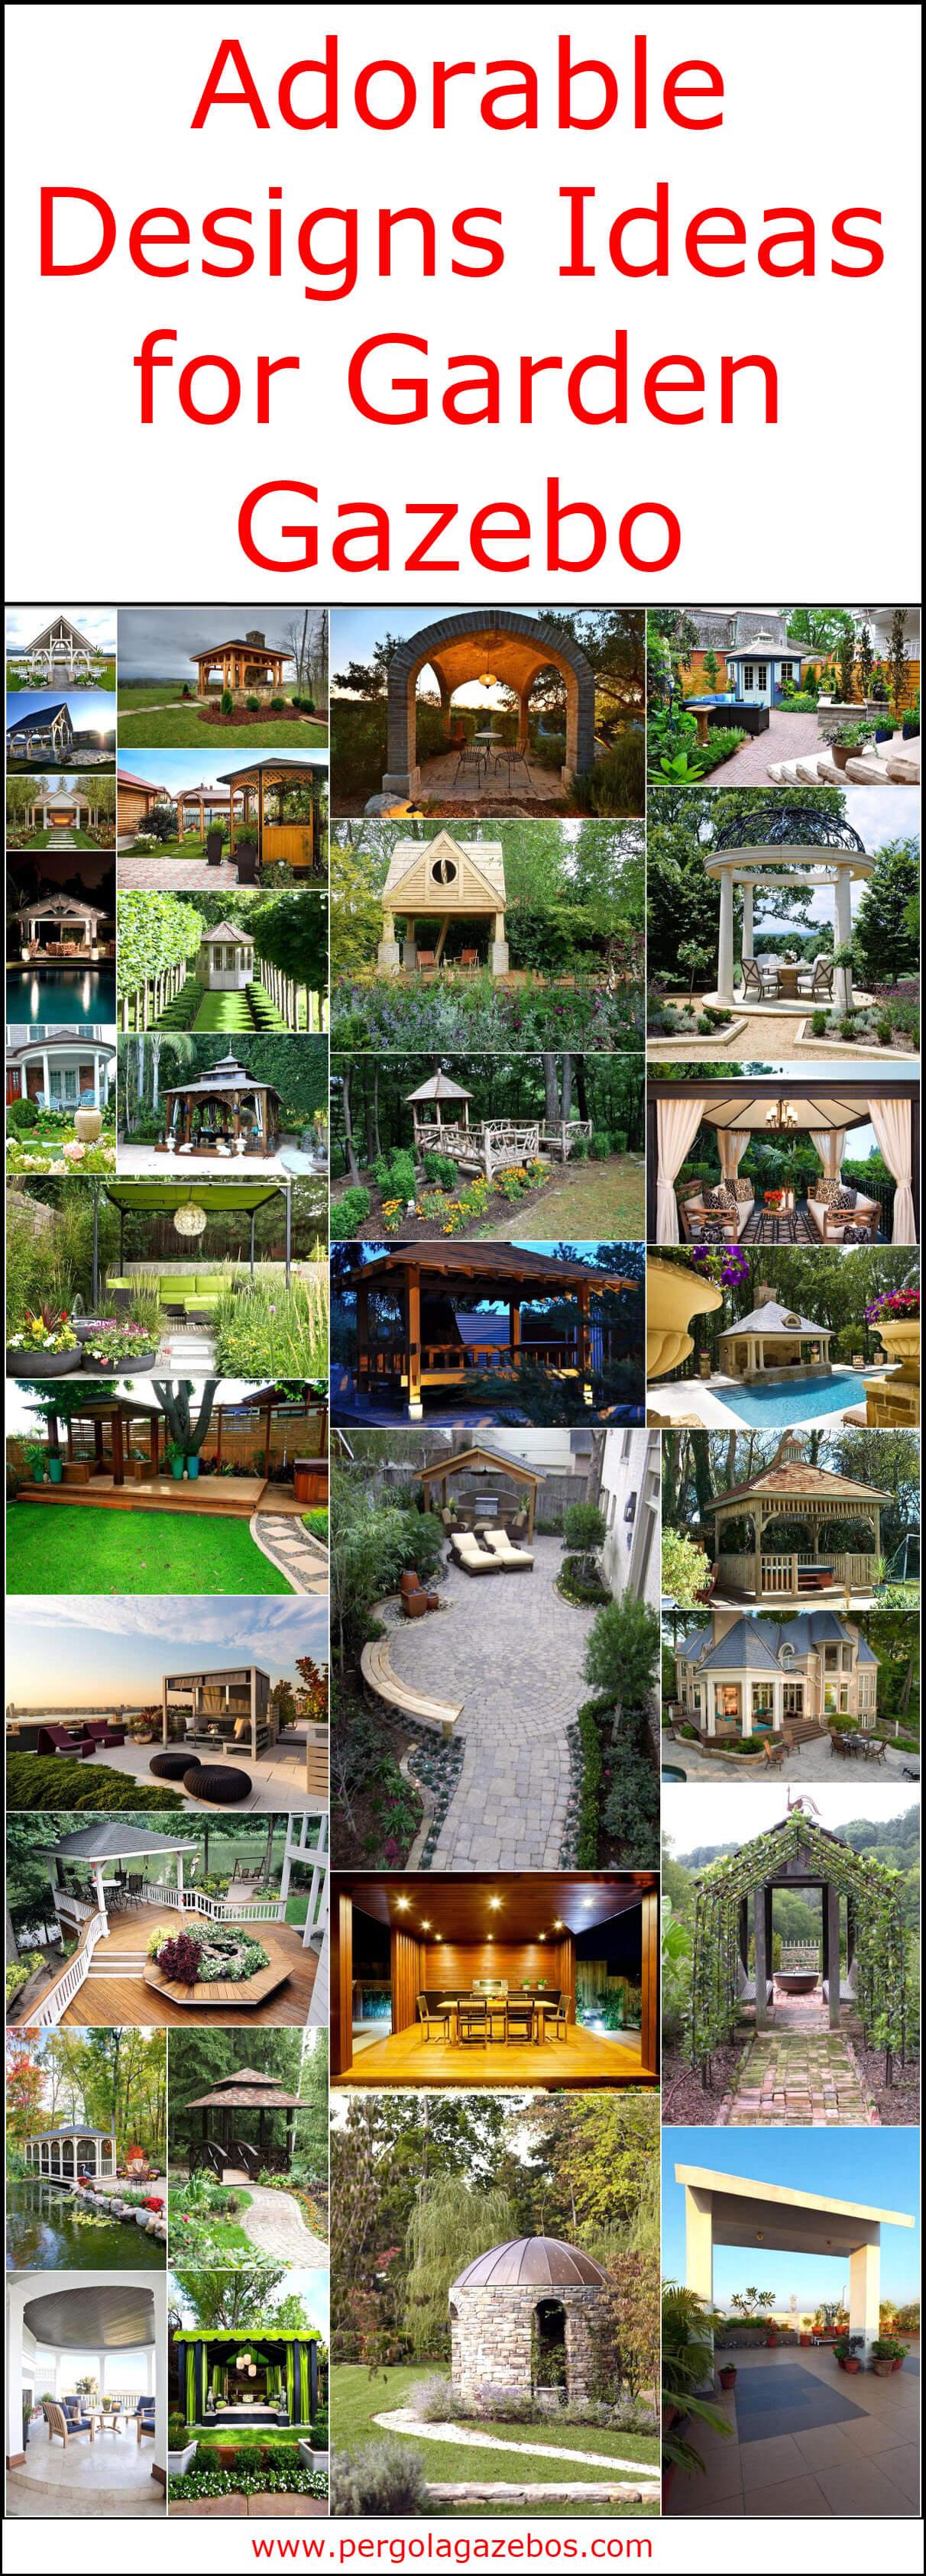 Adorable Designs Ideas for Garden Gazebo